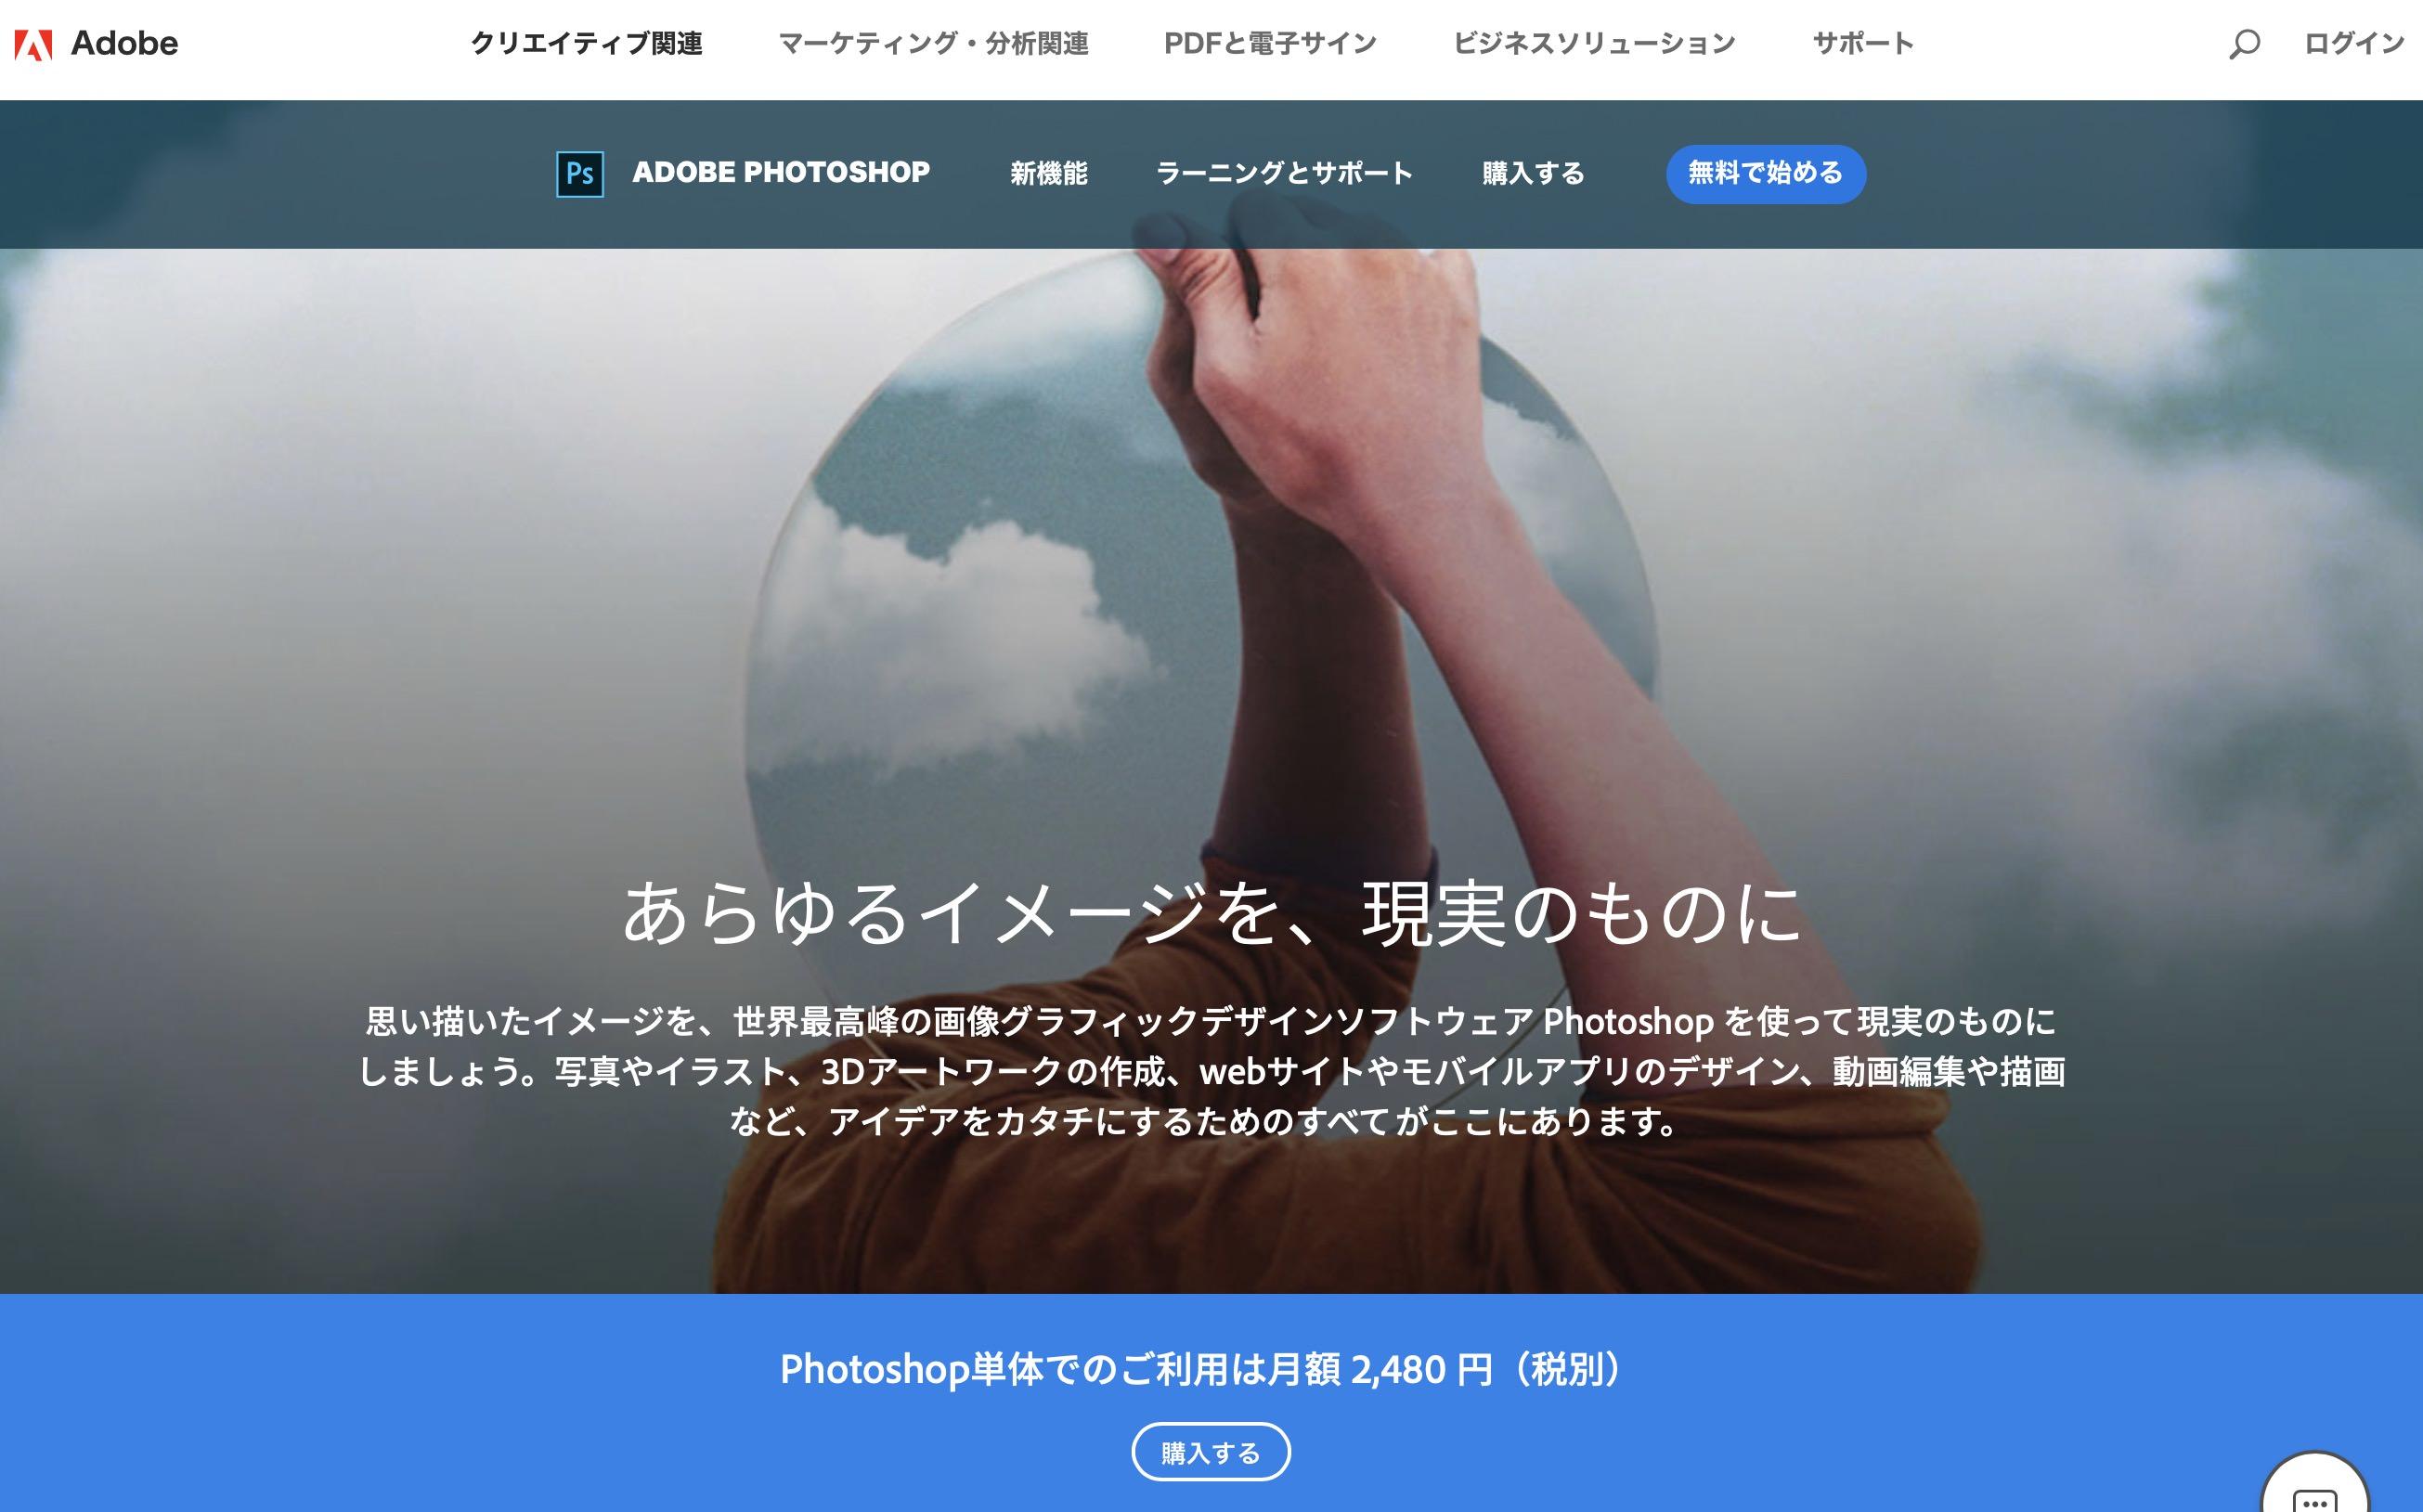 Photoshop 公式サイトキャプチャ